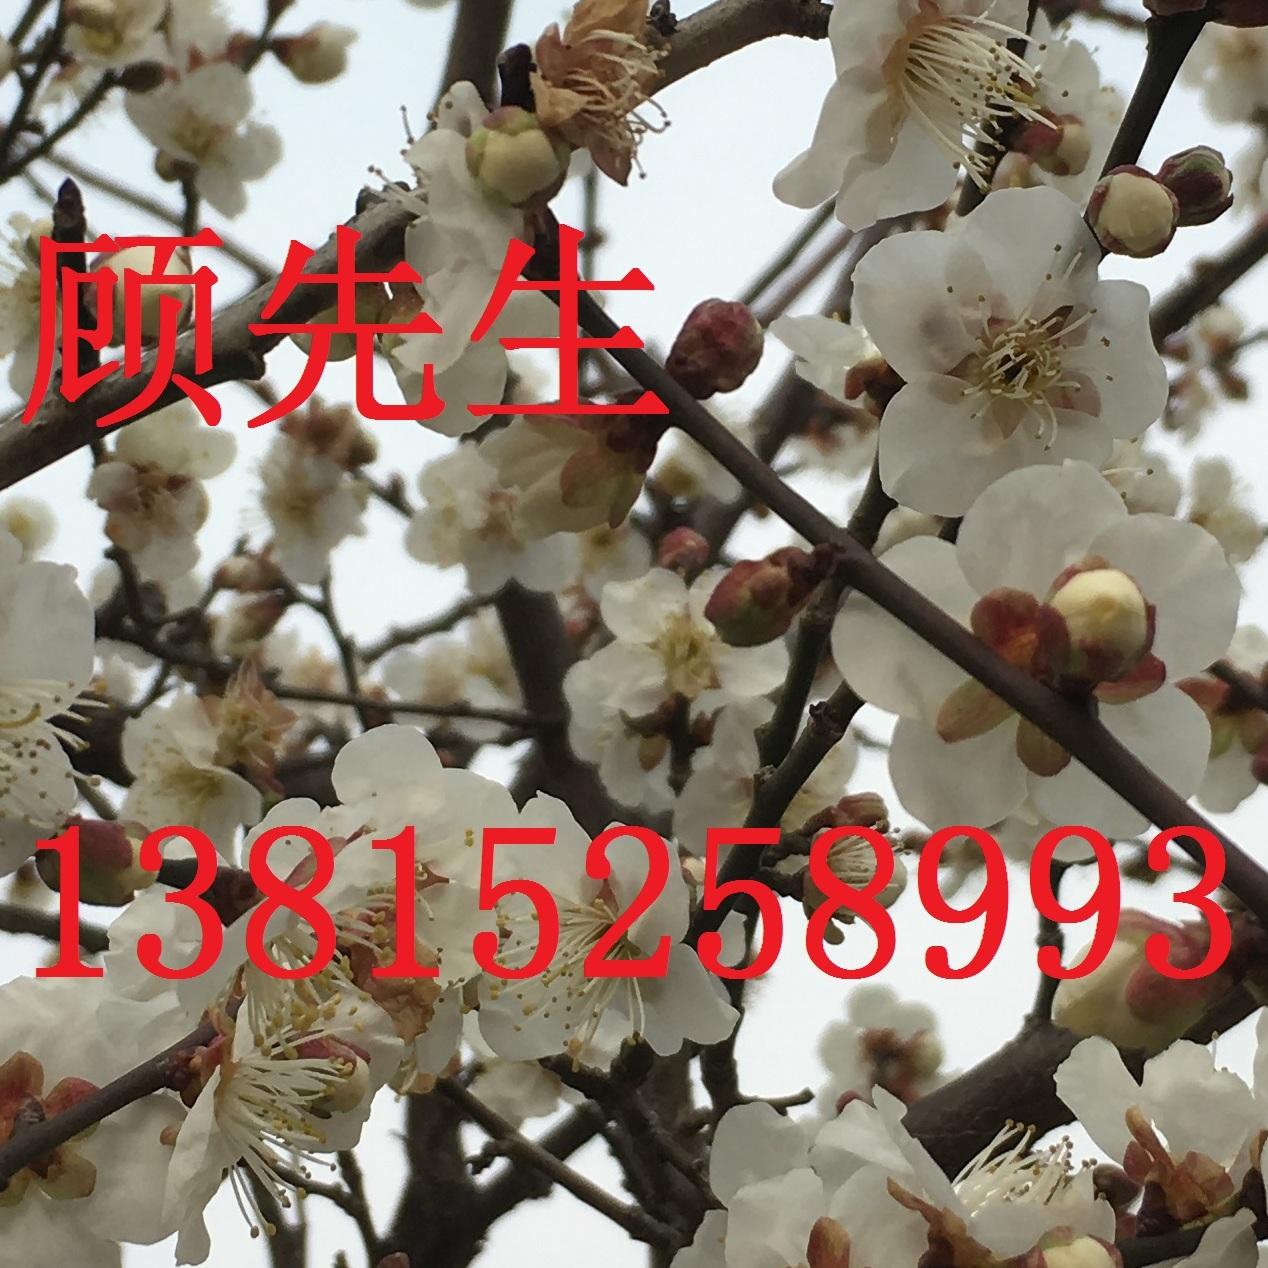 苏州绿化苗木批发基地 造型树 古桩 苏州光福苗木 庭院别墅景观绿化